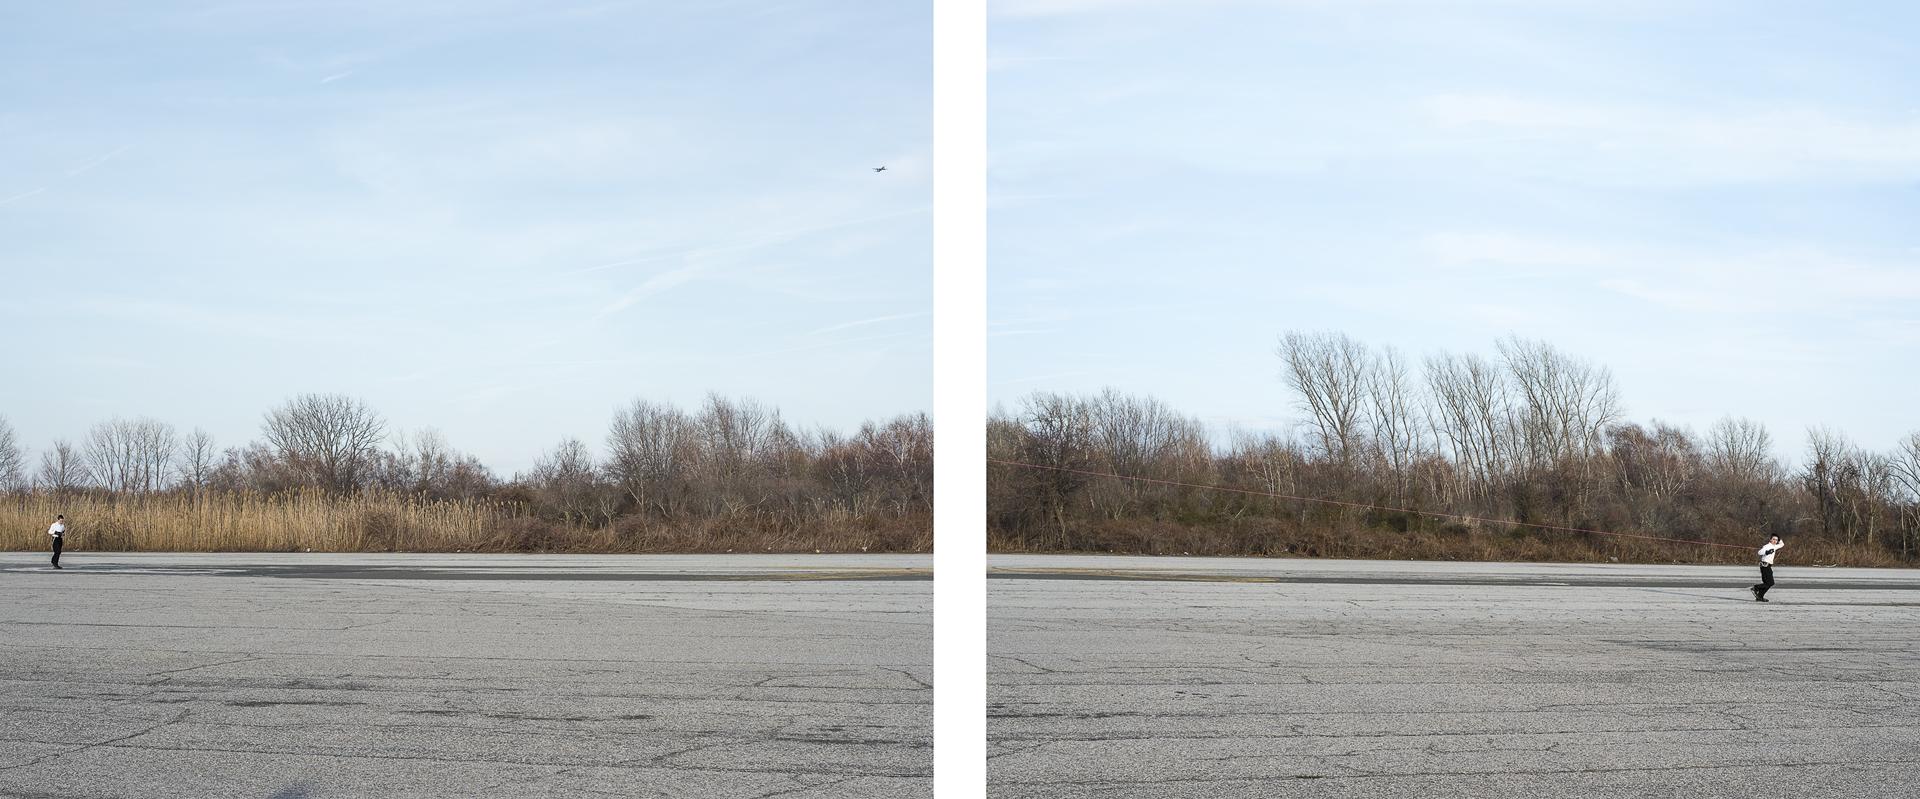 kouri_nicole_landing_left_landing_right.jpg